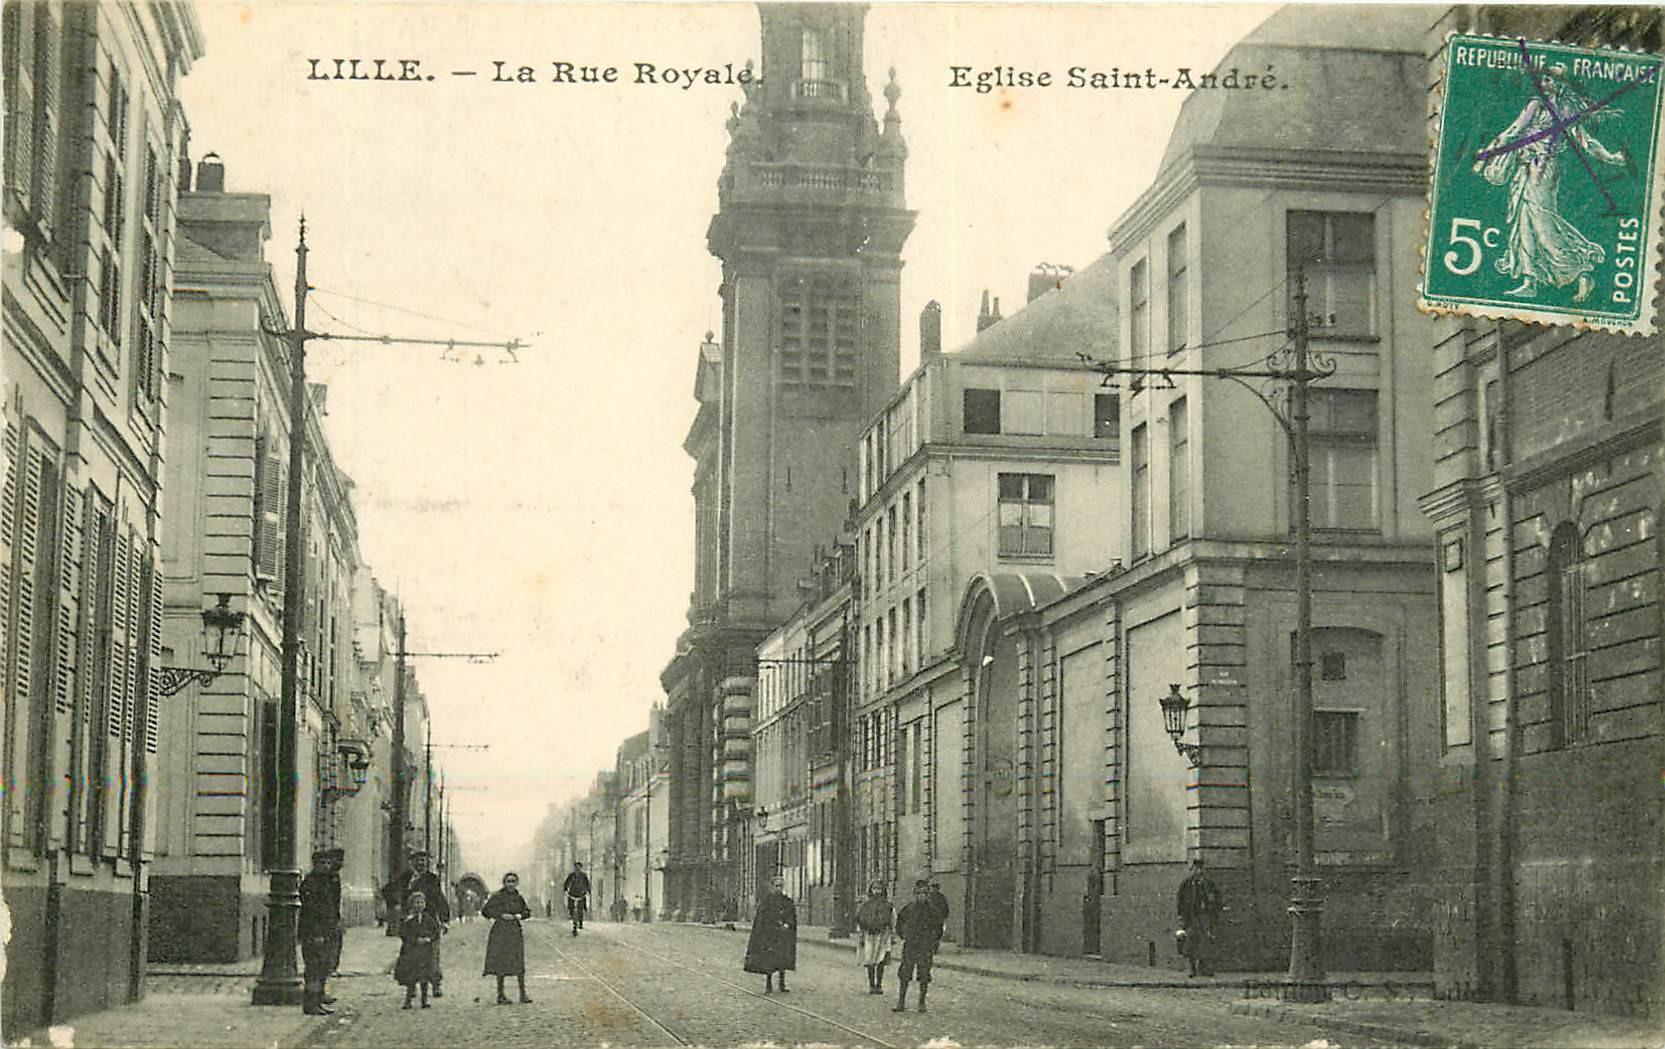 WW 59 LILLE. Eglise Saint-André rue Royale 1911